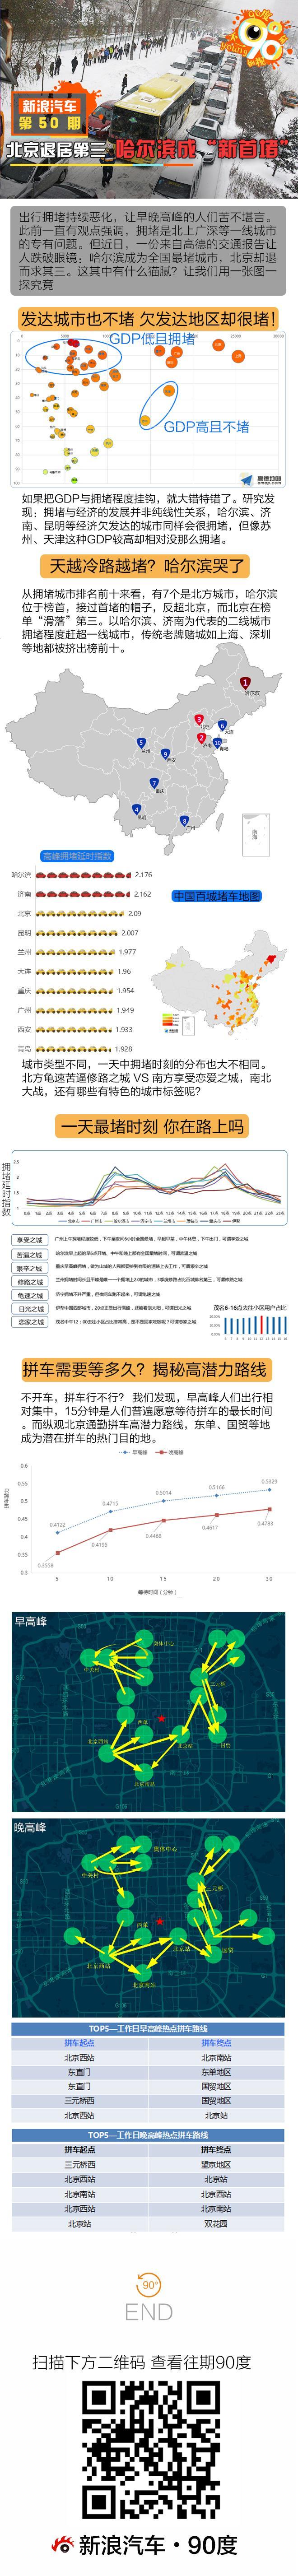 90度|全国拥堵北京第三 哈尔滨成新首堵